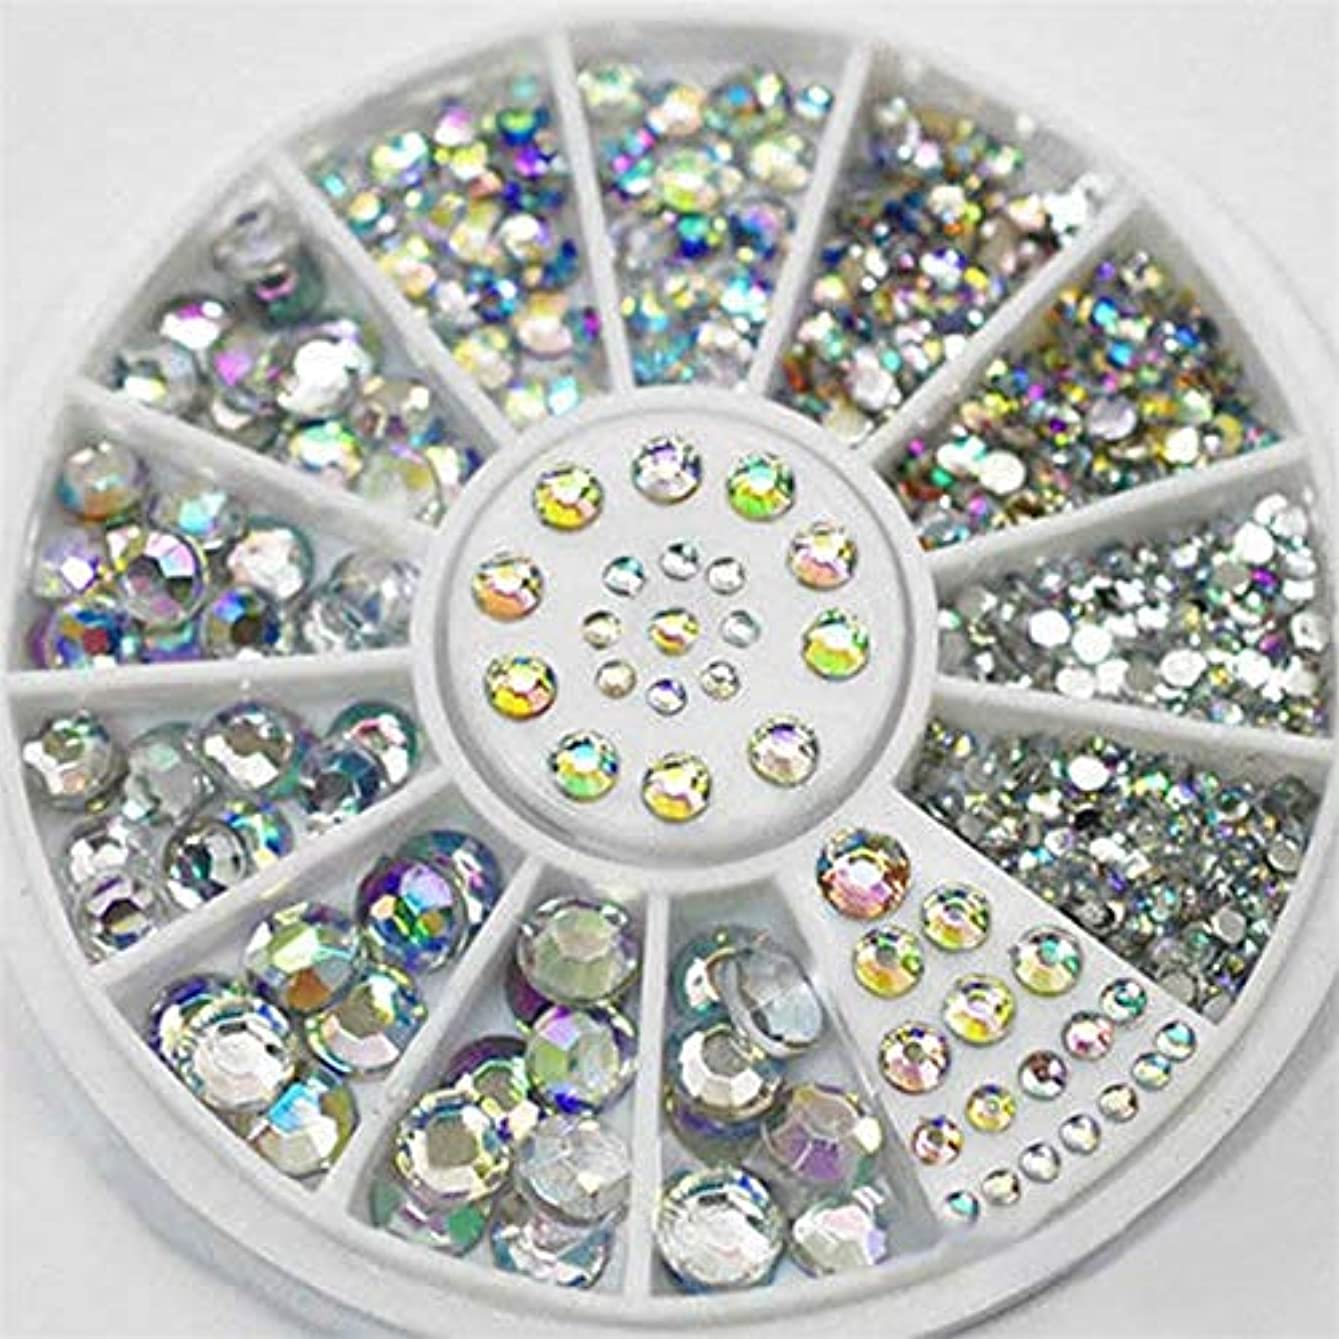 ハングオフセット加入手足ビューティーケア 5ピースdiyカラーアクリルダイヤモンドネイルアートホイールのヒントクリスタルグリッターラインストーン3dネイルアートの装飾